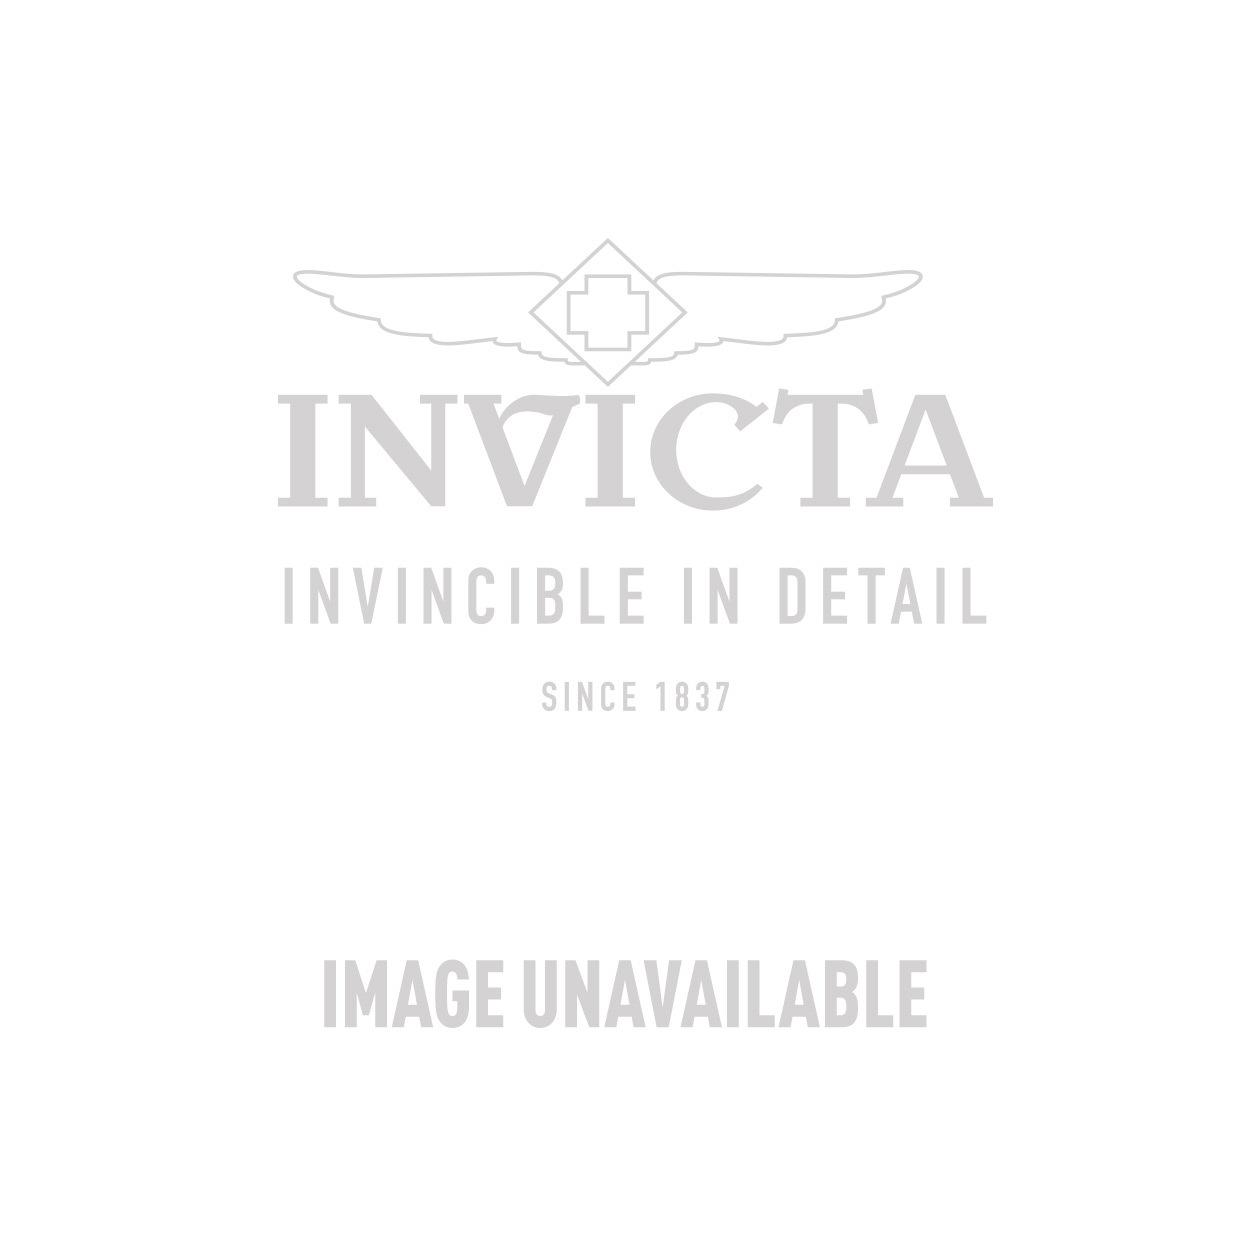 Invicta Model 25306